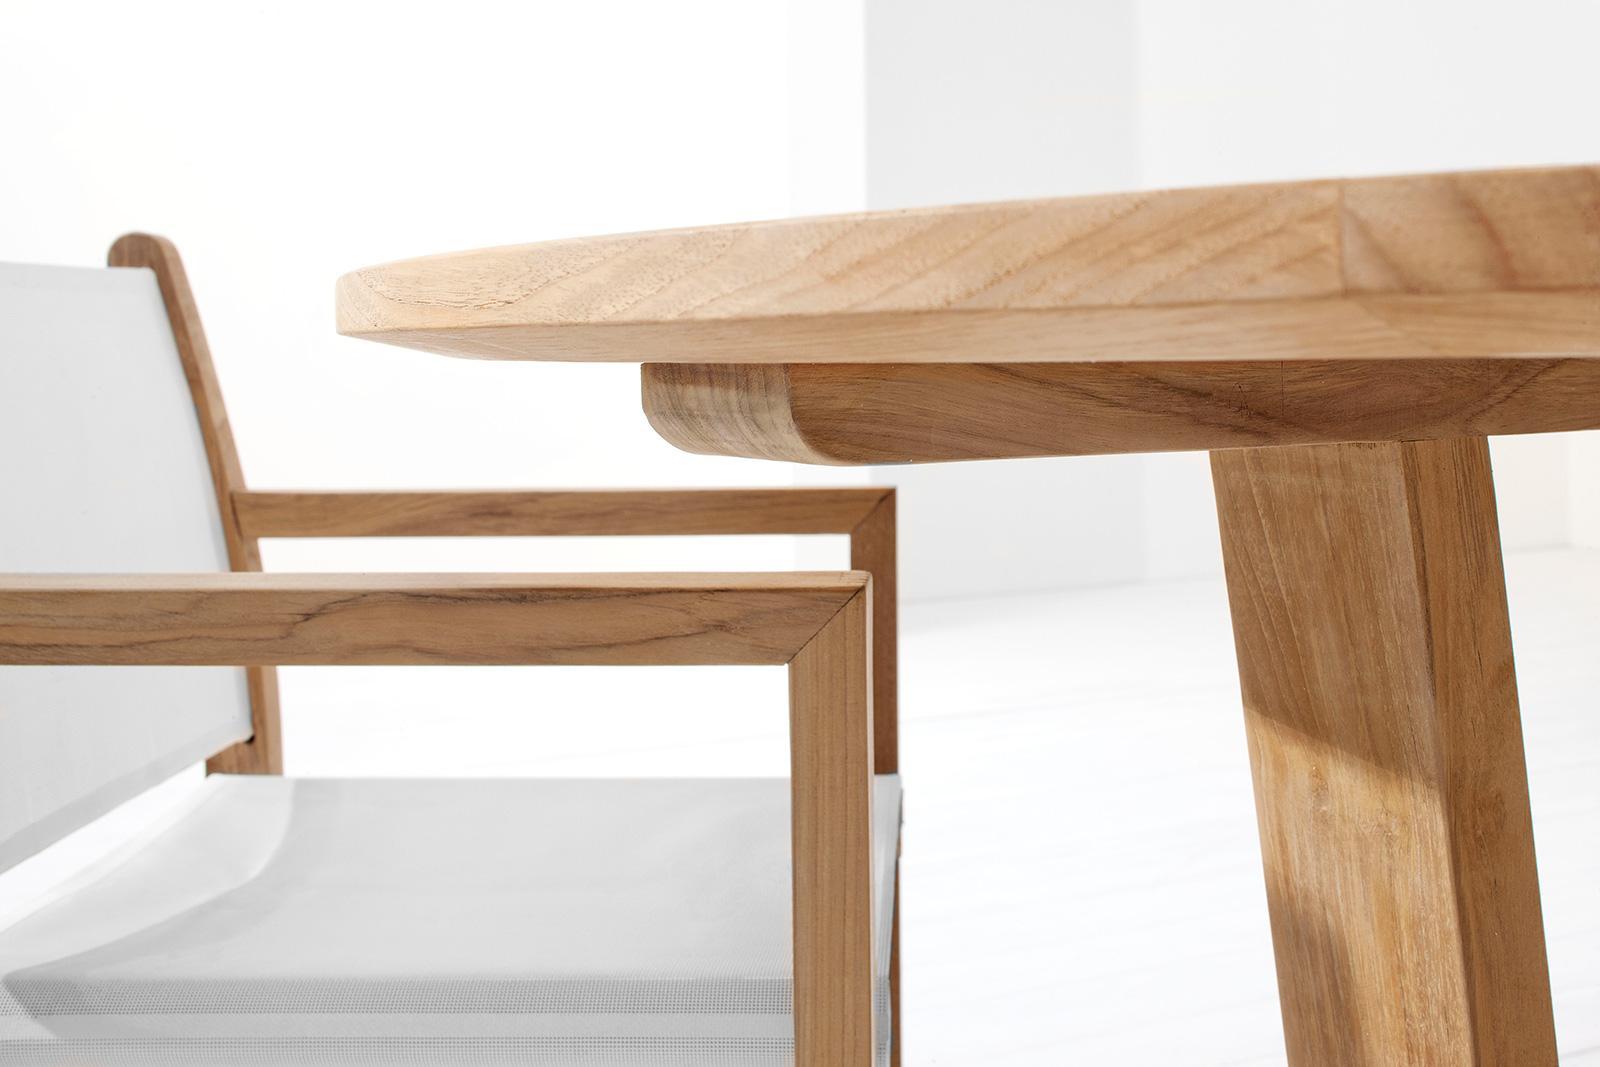 Sahara tavolo rotondo da esterno in teak italy dream design for Tavolo sedie esterno